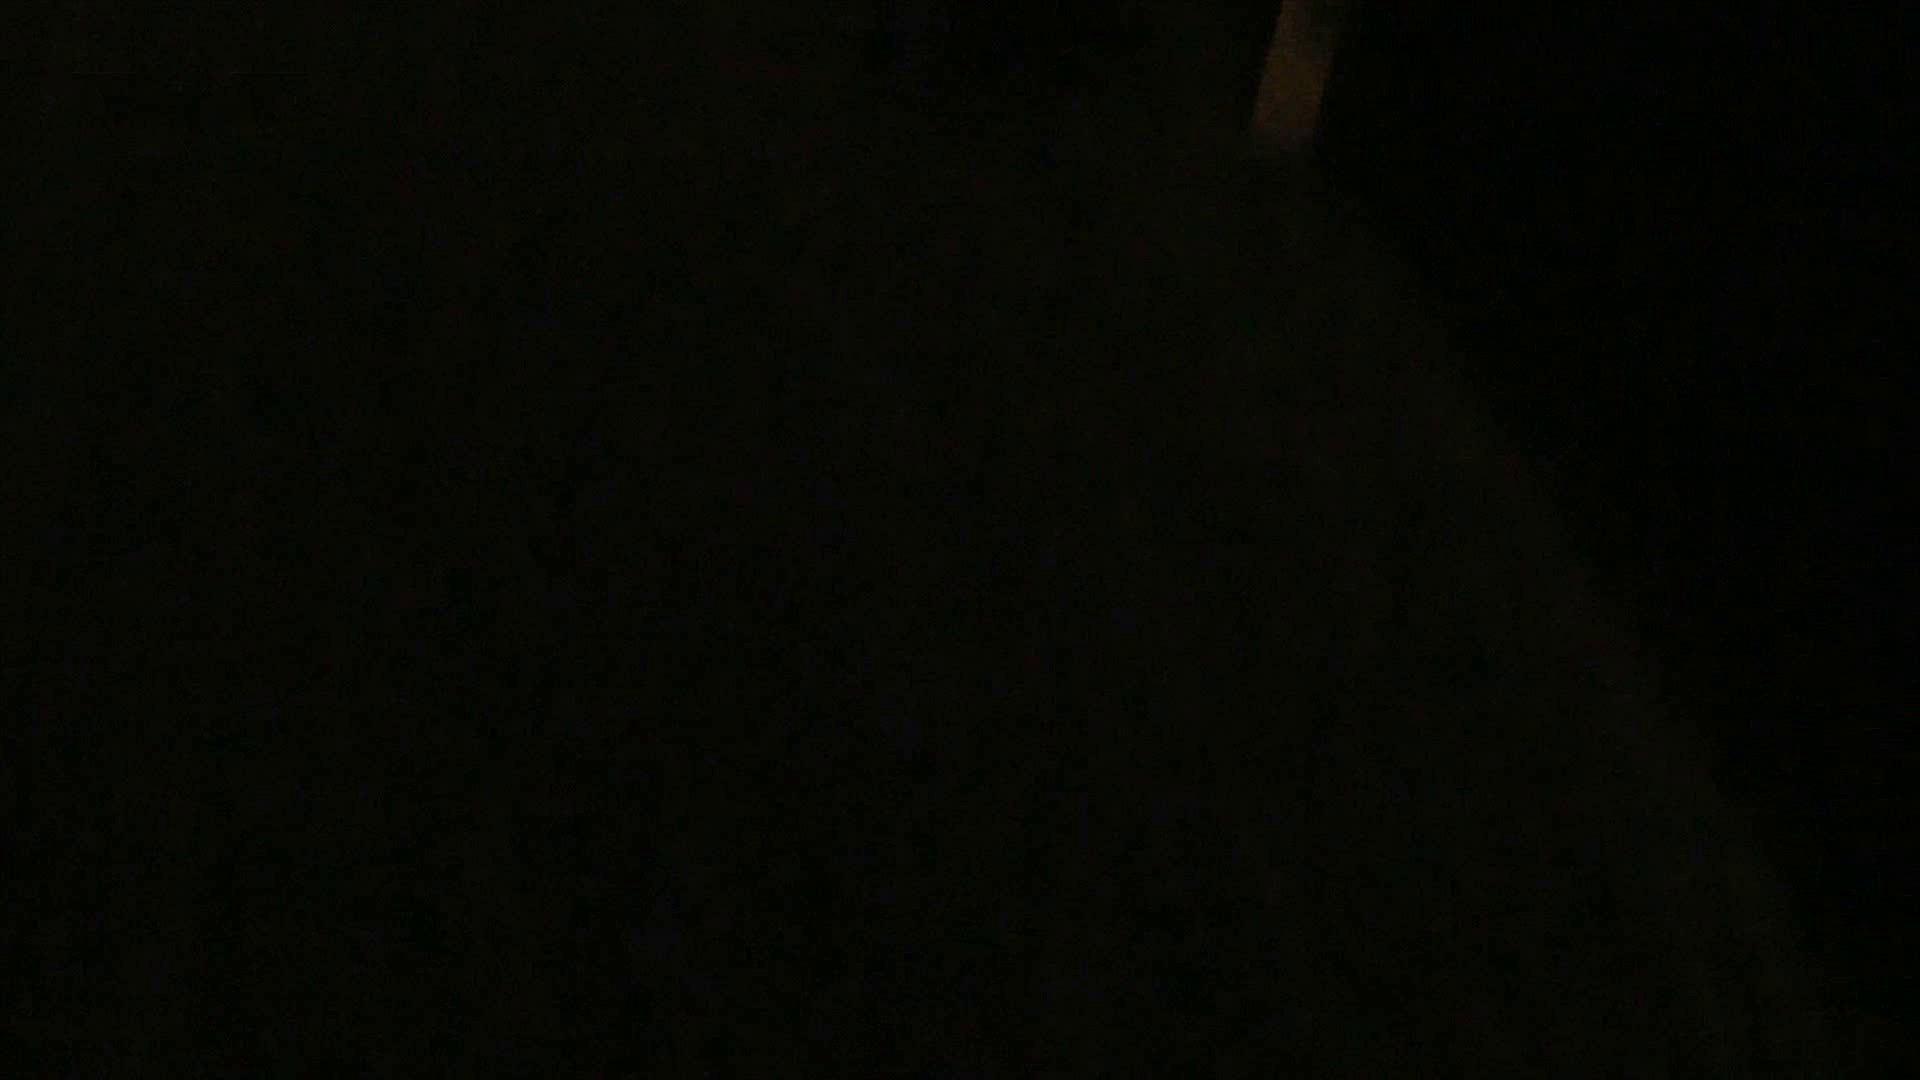 悪戯ネットカフェ Vol.05 エロ系オネェたんに魔法を掛けて・・・。 イタズラ  89pic 2